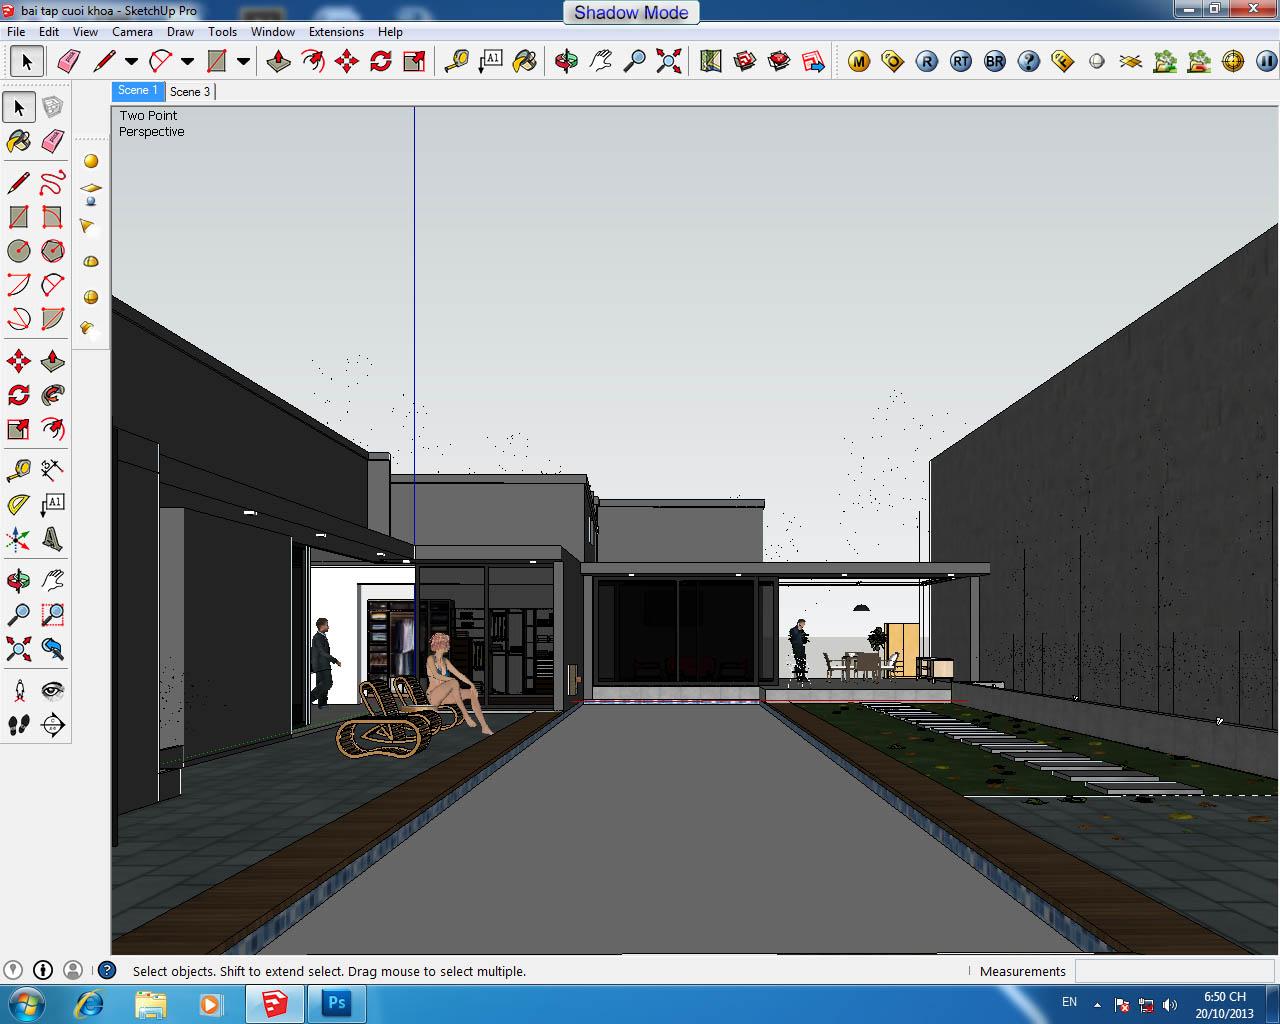 Đào tạo Sketchup uy tín chất lượng tại Gò Vấp, Bình Thạnh, Thủ Đức, tp.HCM Dao-tao-sketchup-o-tp-hcm